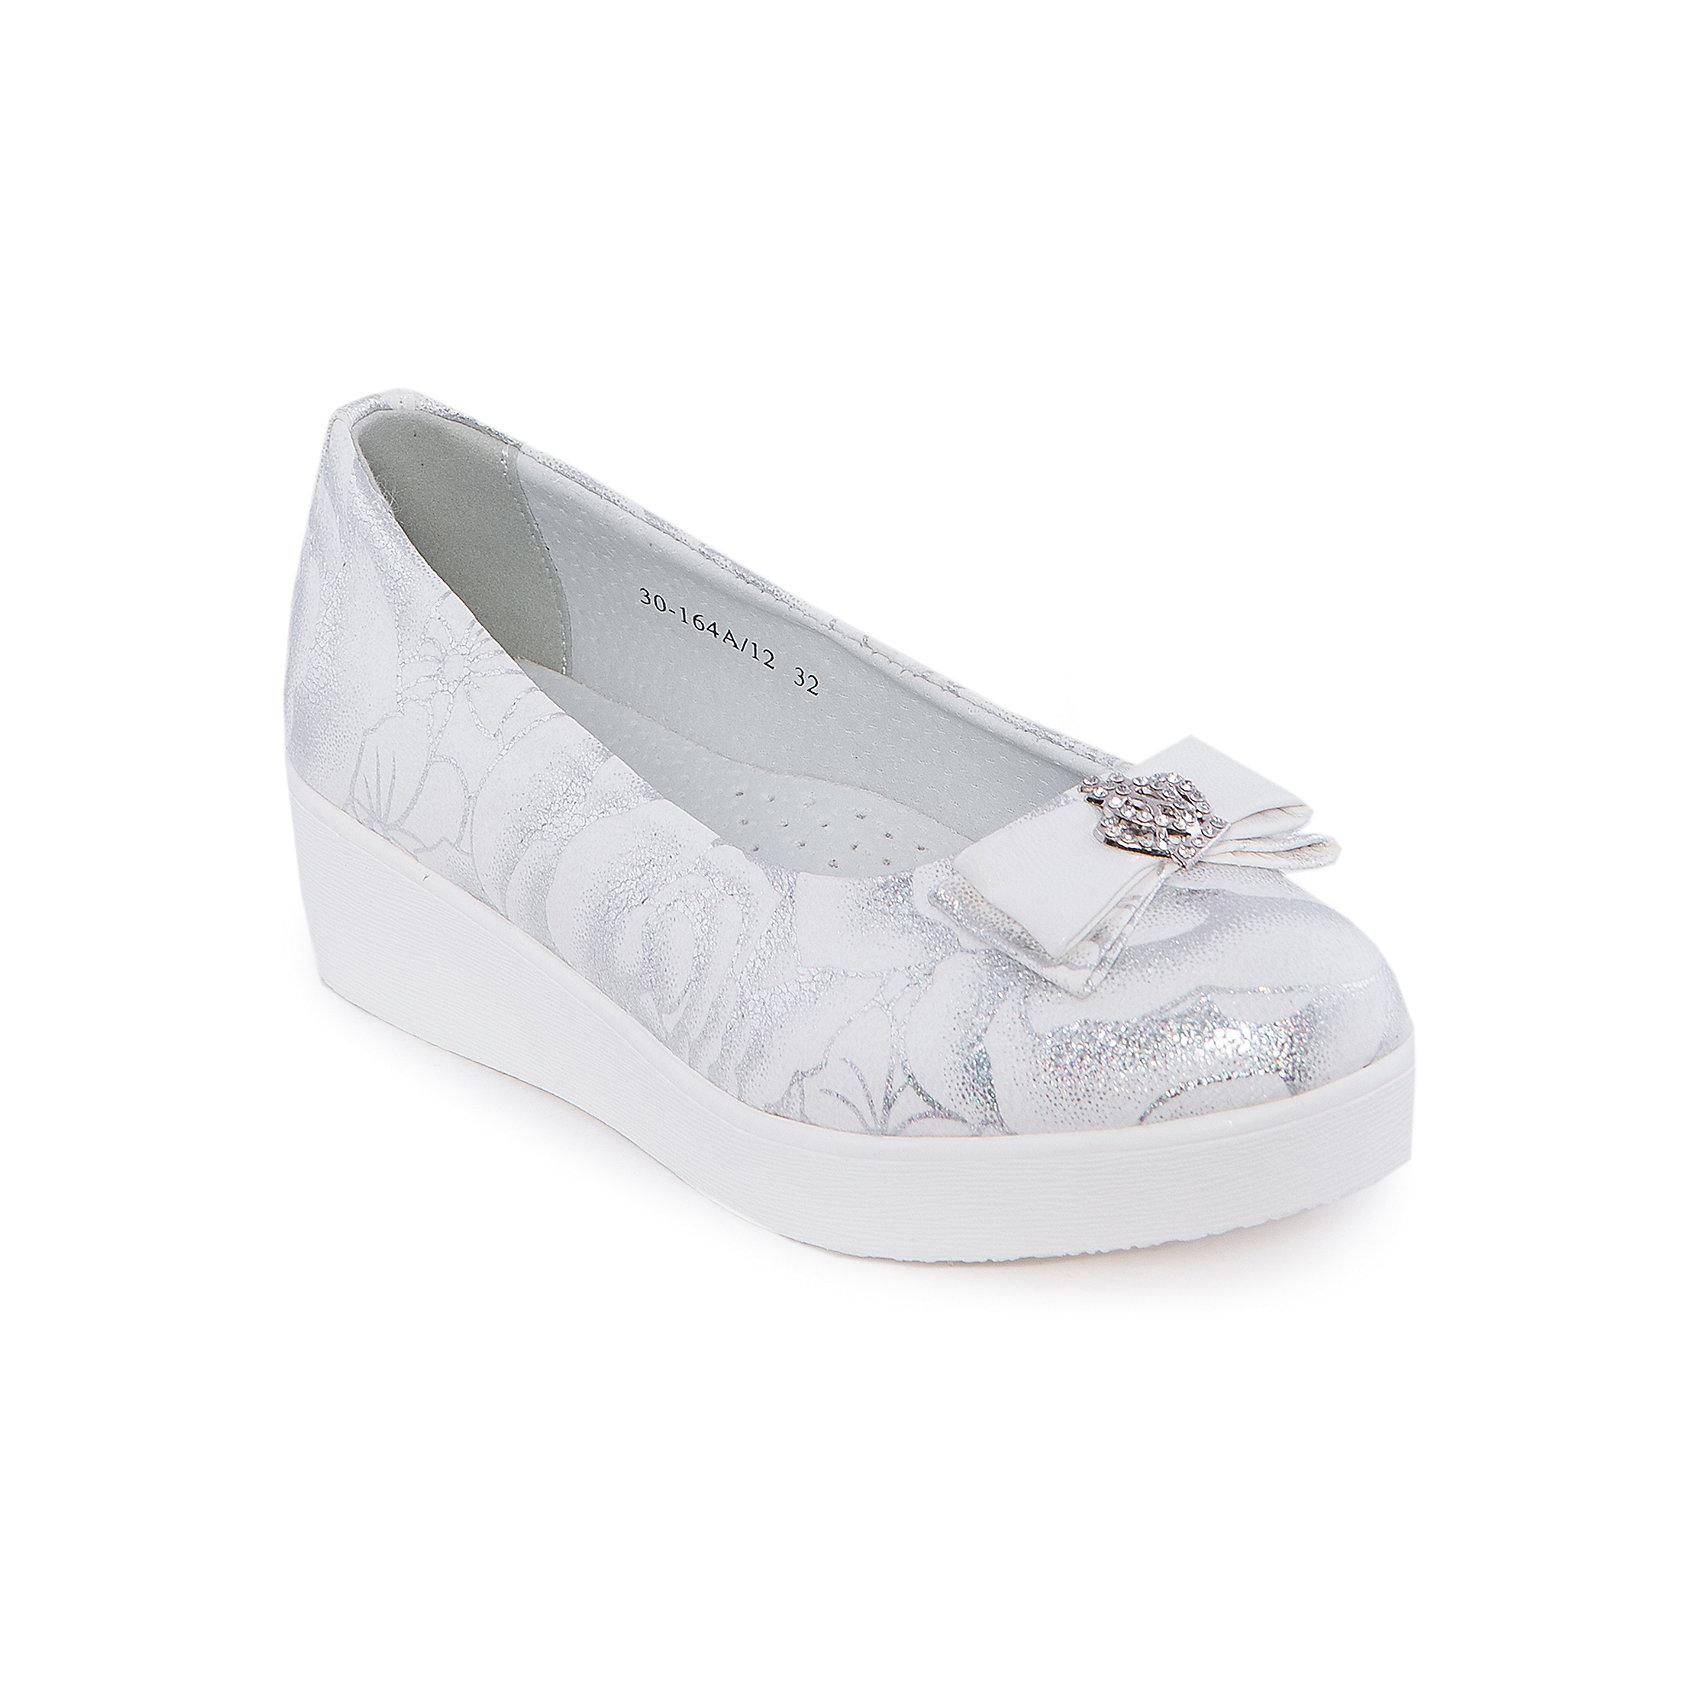 Туфли для девочки Indigo kidsОбувь<br>Туфли для девочки от известного бренда Indigo kids <br> <br>Изящные блестящие туфли отлично подойдут к праздничному наряду, а также они внесут яркую нотку в будничный ансамбль. Туфли легко надеваются, комфортно садятся по ноге, дают коже дышать. <br> <br>Особенности модели: <br> <br>- цвет: белый, серебристый; <br>- стильный дизайн; <br>- удобная колодка; <br>- небольшая подошва; <br>- подкладка из натуральной кожи; <br>- перфорация на подкладке, обеспечивающая вентиляцию; <br>- украшение - бант из кожи, стразы, принт; <br>- устойчивая нескользящая подошва; <br>- без застежки. <br> <br>Дополнительная информация: <br> <br>Состав: <br> <br>верх – искусственная кожа; <br>подкладка - натуральная кожа; <br>подошва - ТЭП. <br> <br>Туфли для девочки Indigo kids (Индиго Кидс) можно купить в нашем магазине.<br><br>Ширина мм: 227<br>Глубина мм: 145<br>Высота мм: 124<br>Вес г: 325<br>Цвет: белый<br>Возраст от месяцев: 156<br>Возраст до месяцев: 168<br>Пол: Женский<br>Возраст: Детский<br>Размер: 37,32,35,34,33,36<br>SKU: 4547754